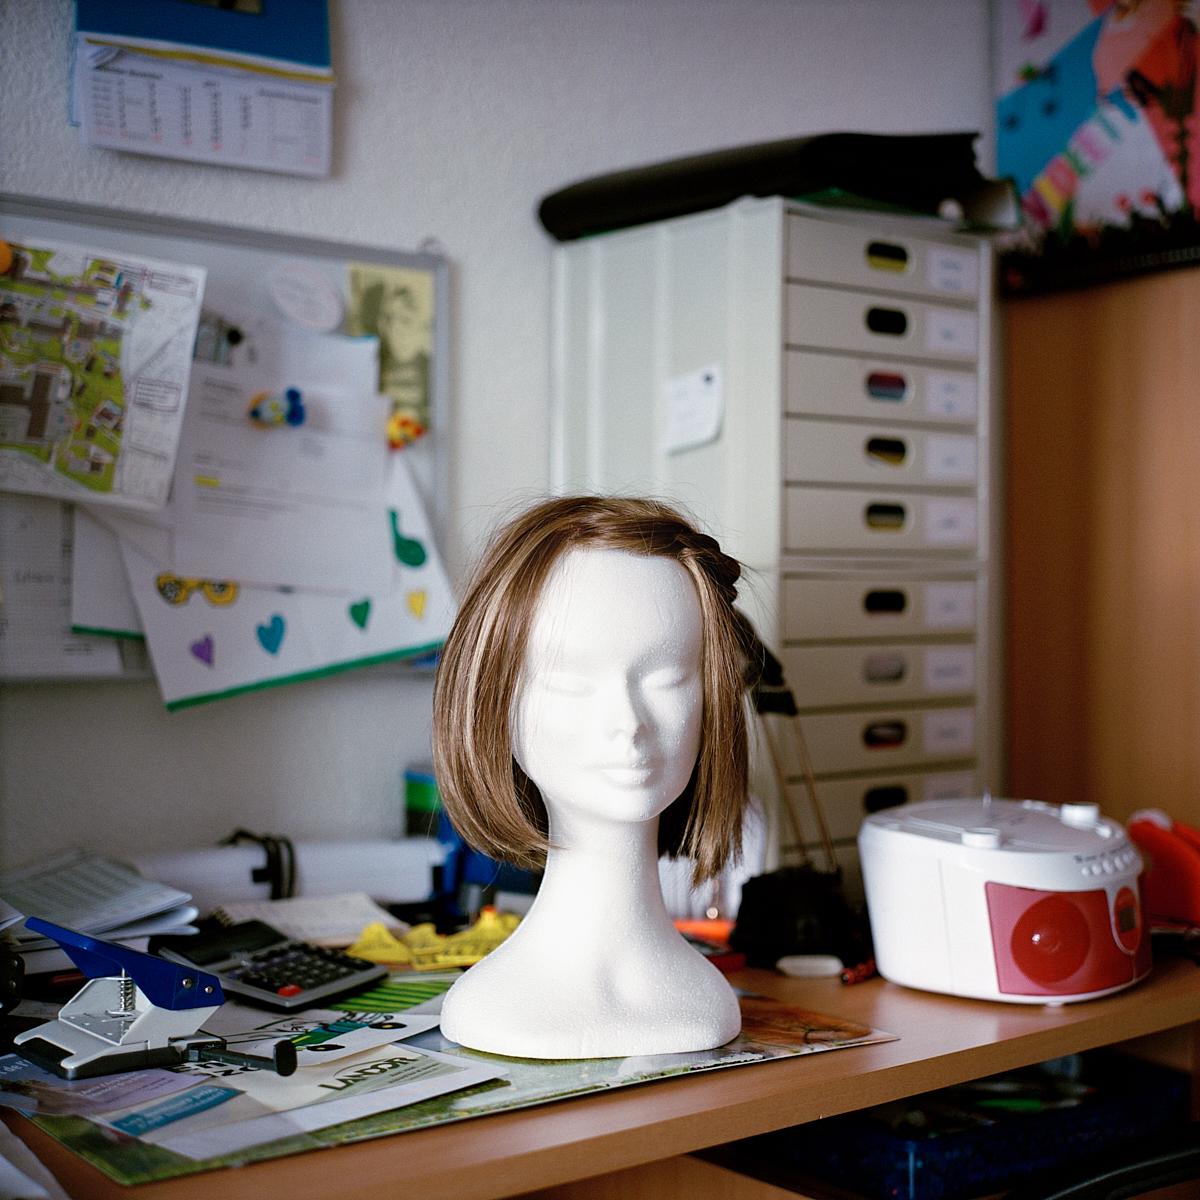 La perruque d'Ilona est déposée sur cette tête de mannequin lorsqu'elle ne la porte pas. Lentigny, décembre 2017.